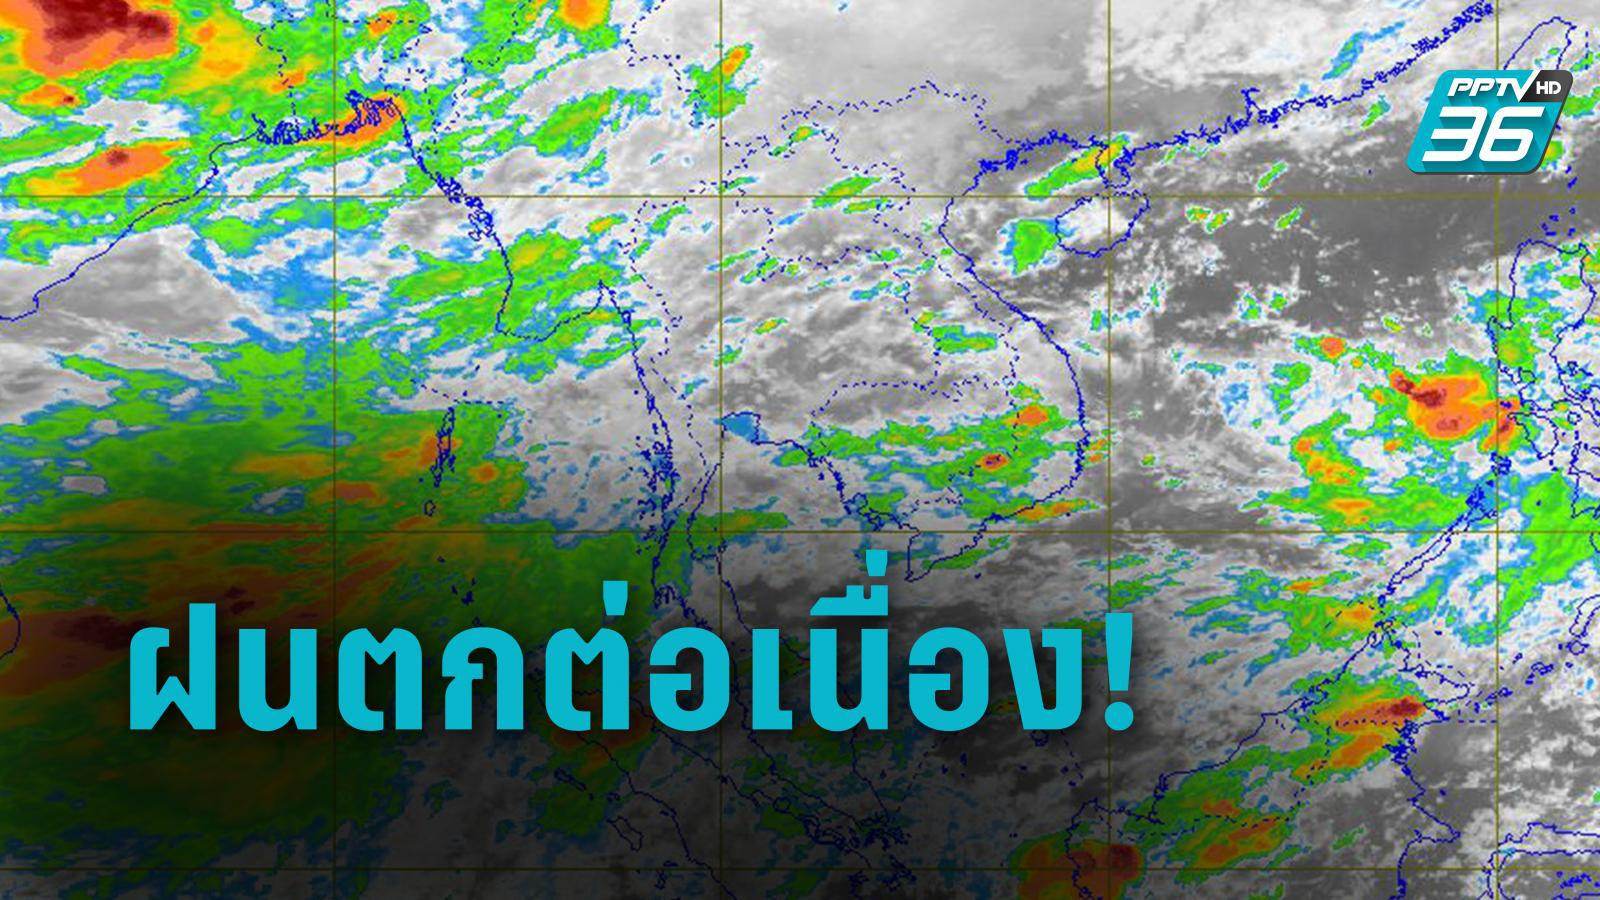 กรมอุตุฯ เตือน ทั่วไทยฝนตกต่อเนื่อง ใต้หนักสุด 70%